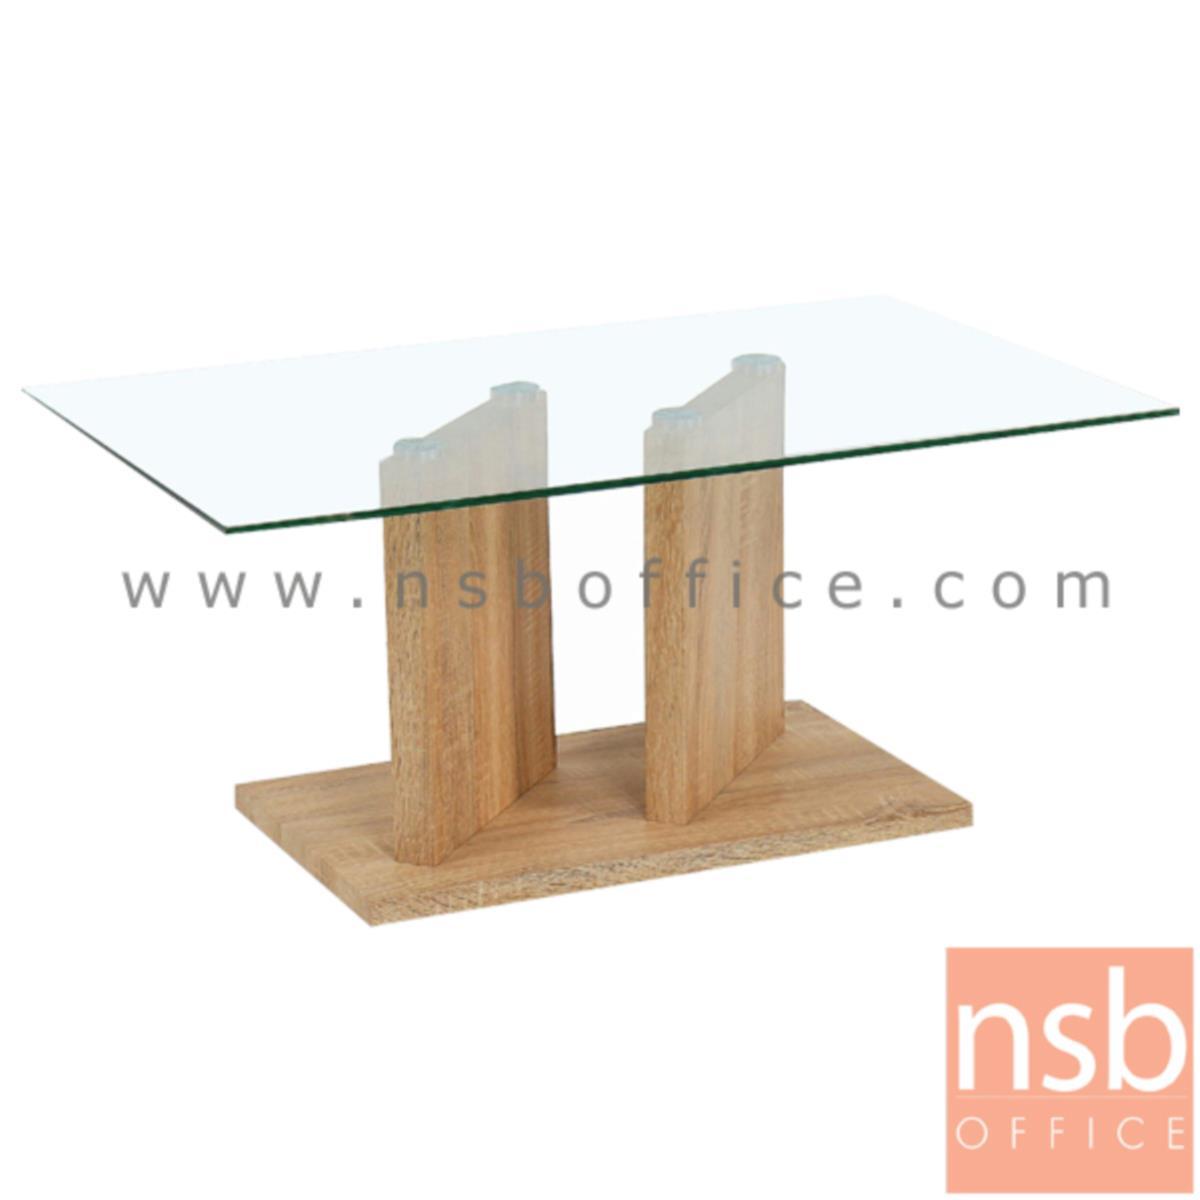 B13A230:โต๊ะกลางกระจก  รุ่น Hovis ขนาด 120W cm. ขาไม้